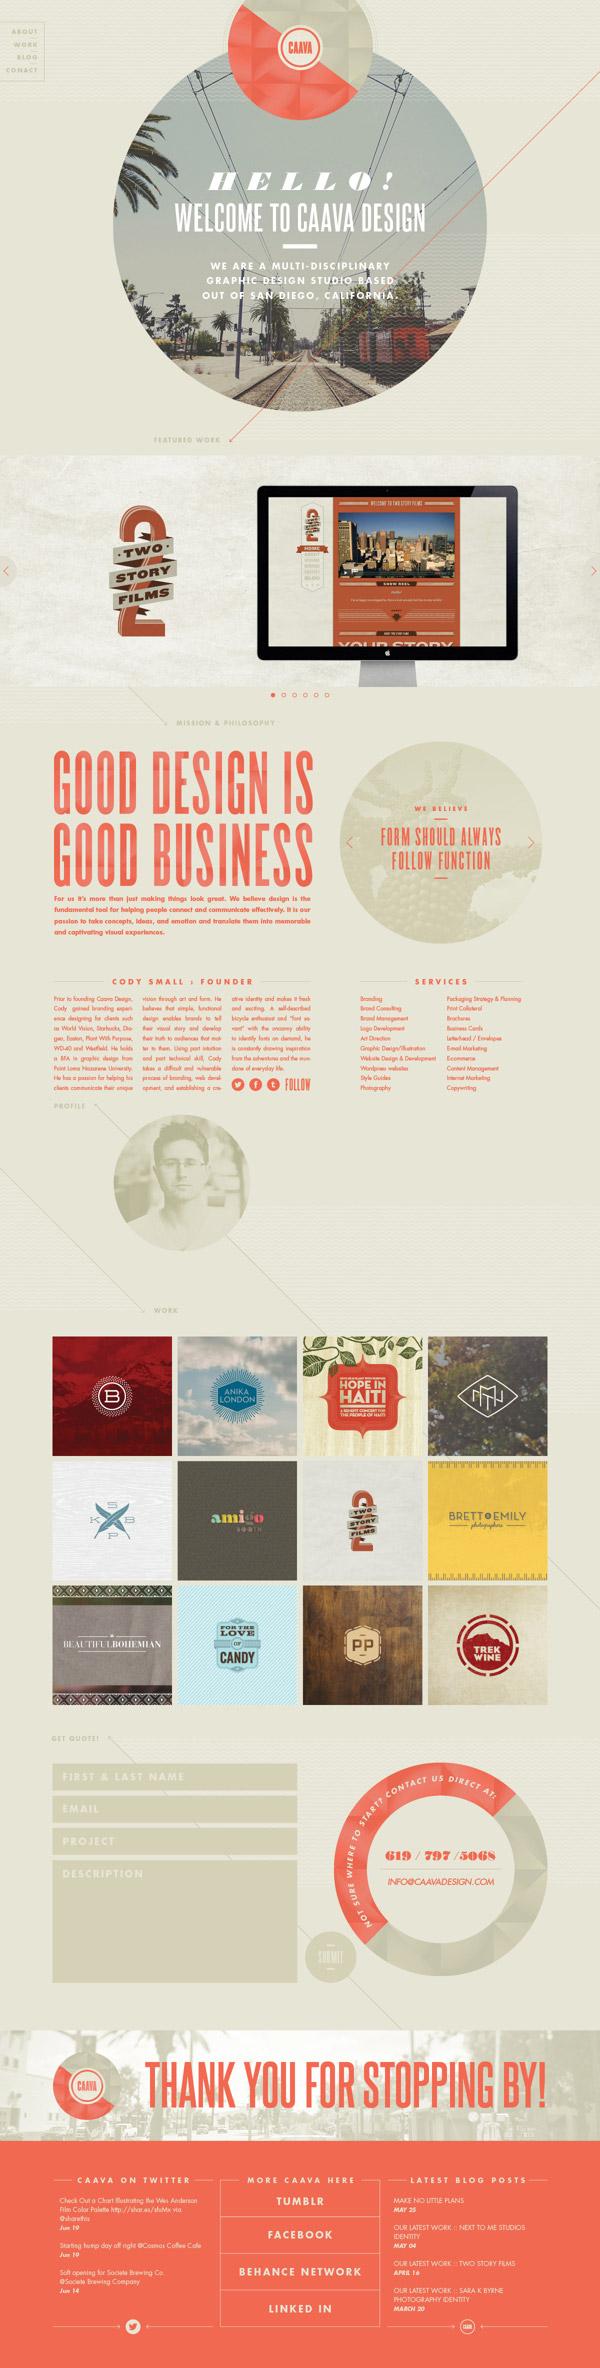 Caava- Inspiración web design